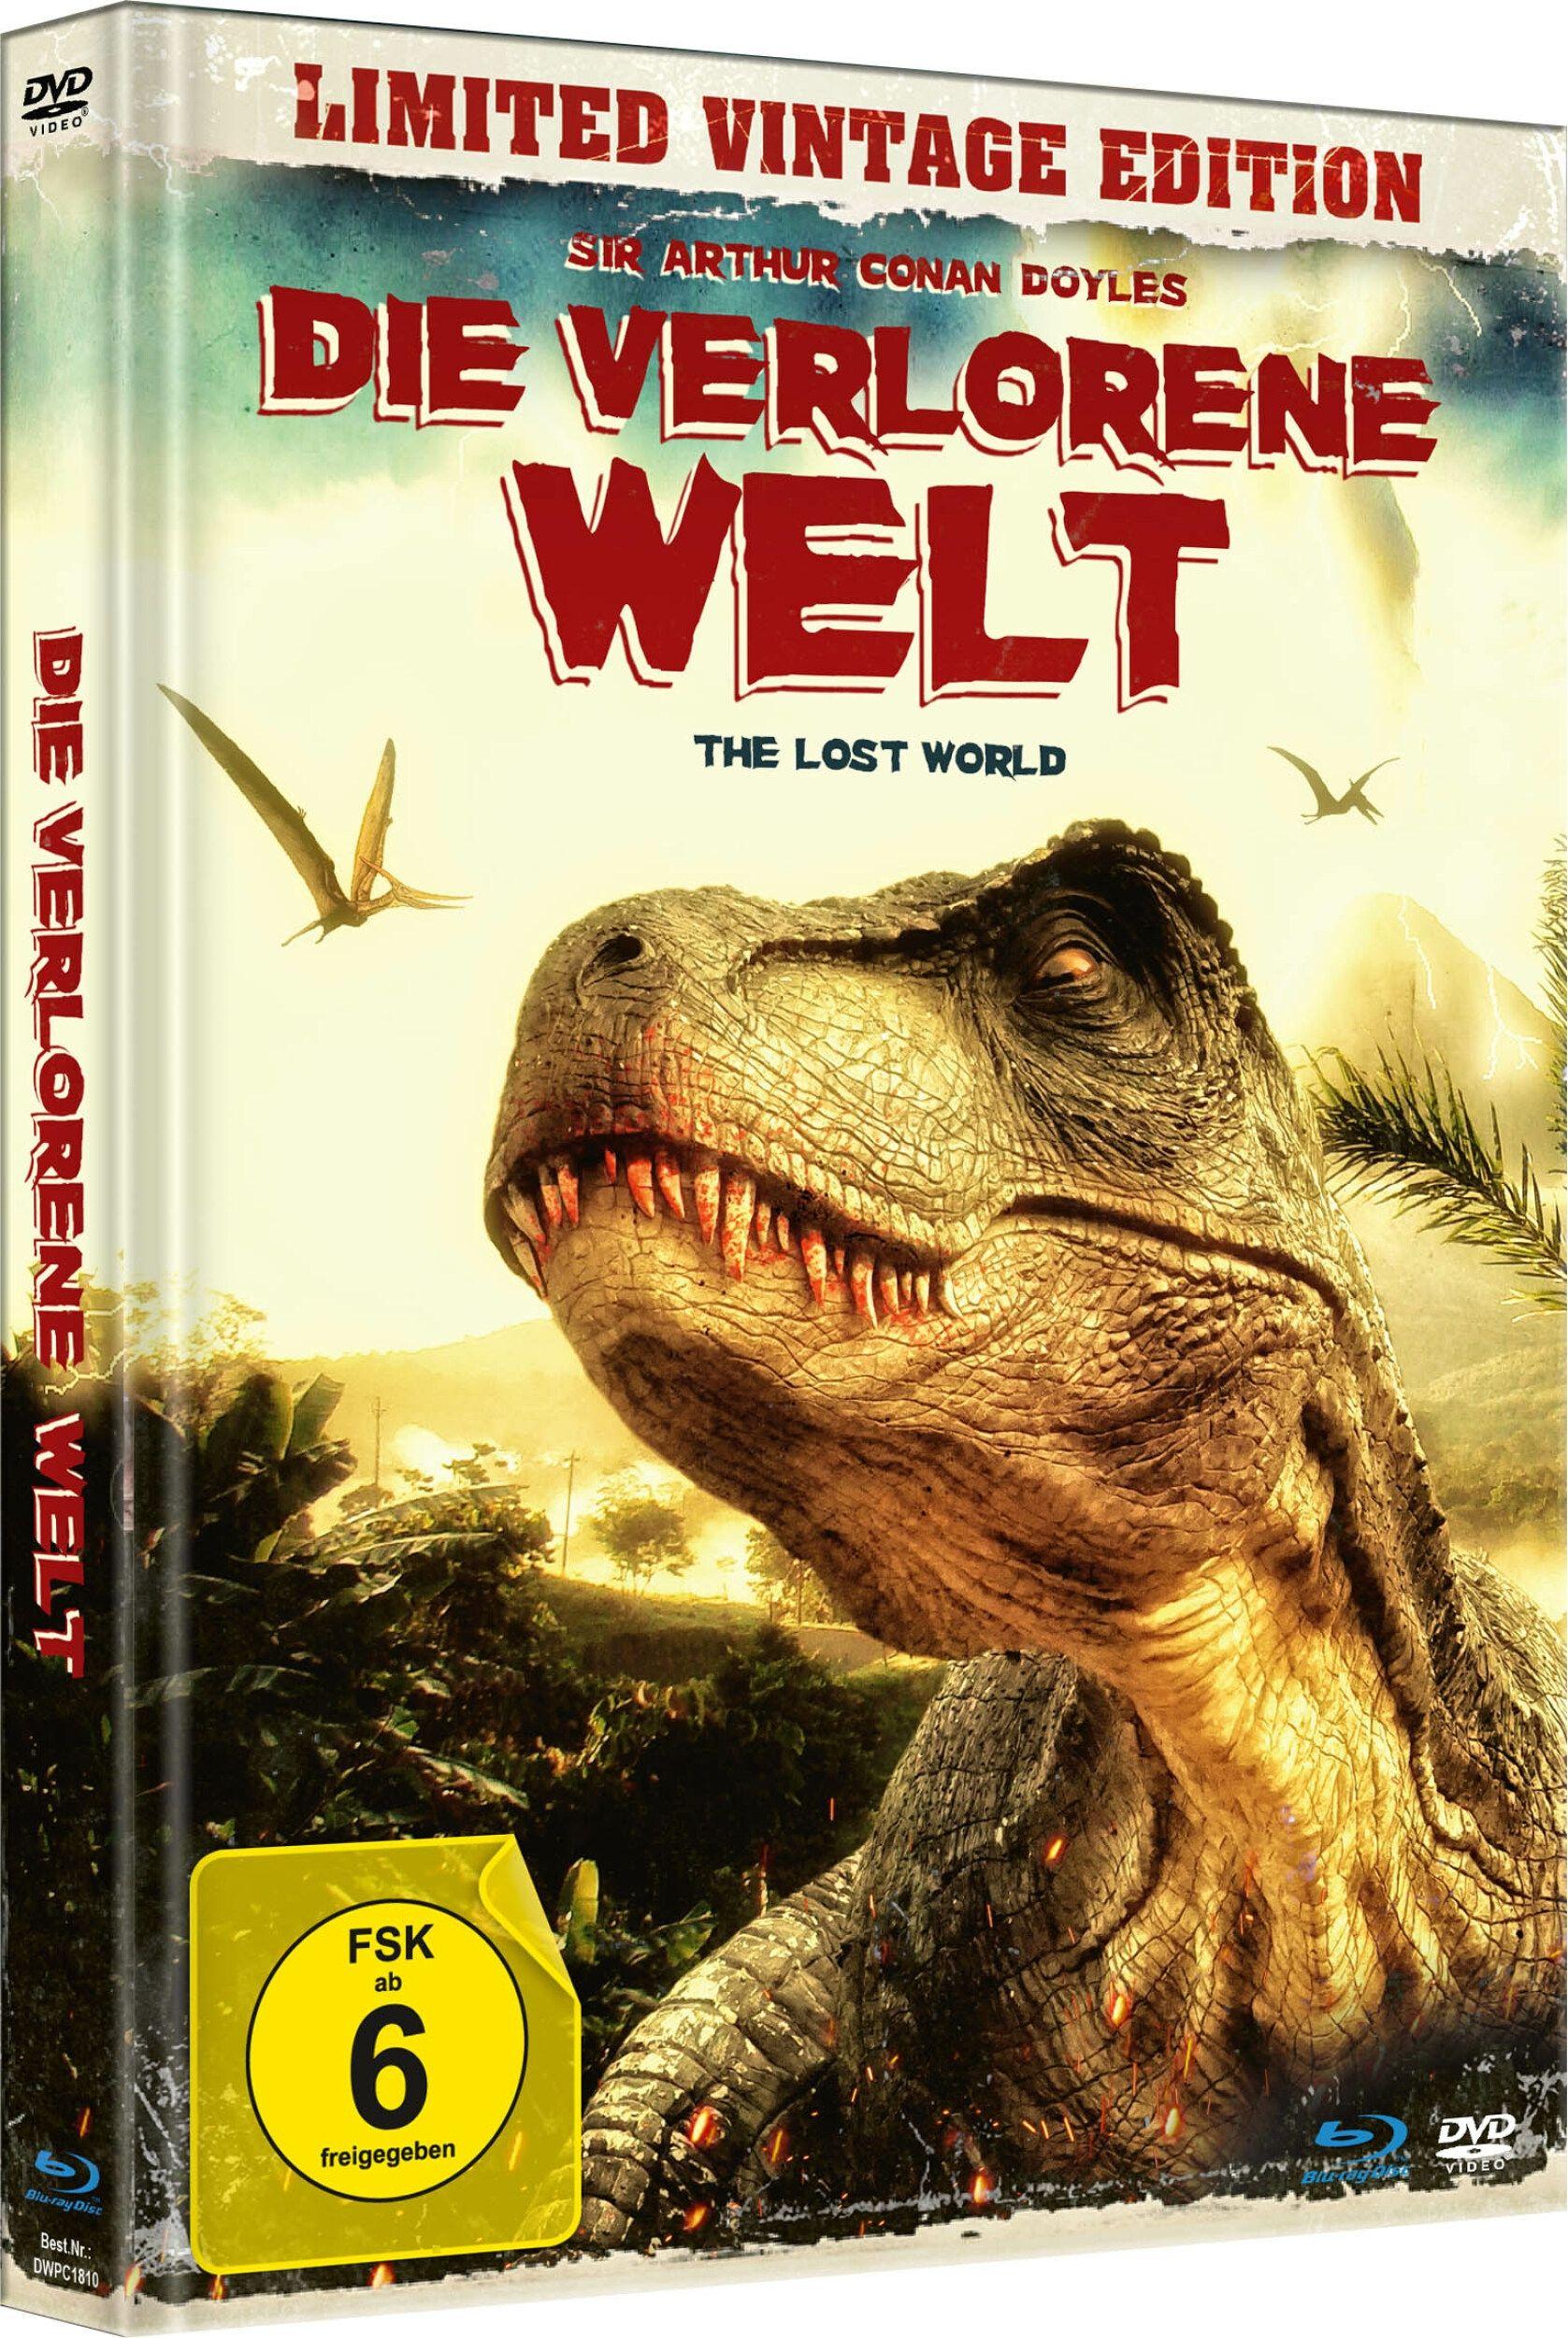 Verlorene Welt, Die (1925) (Lim. Uncut Mediabook) (DVD + BLURAY)